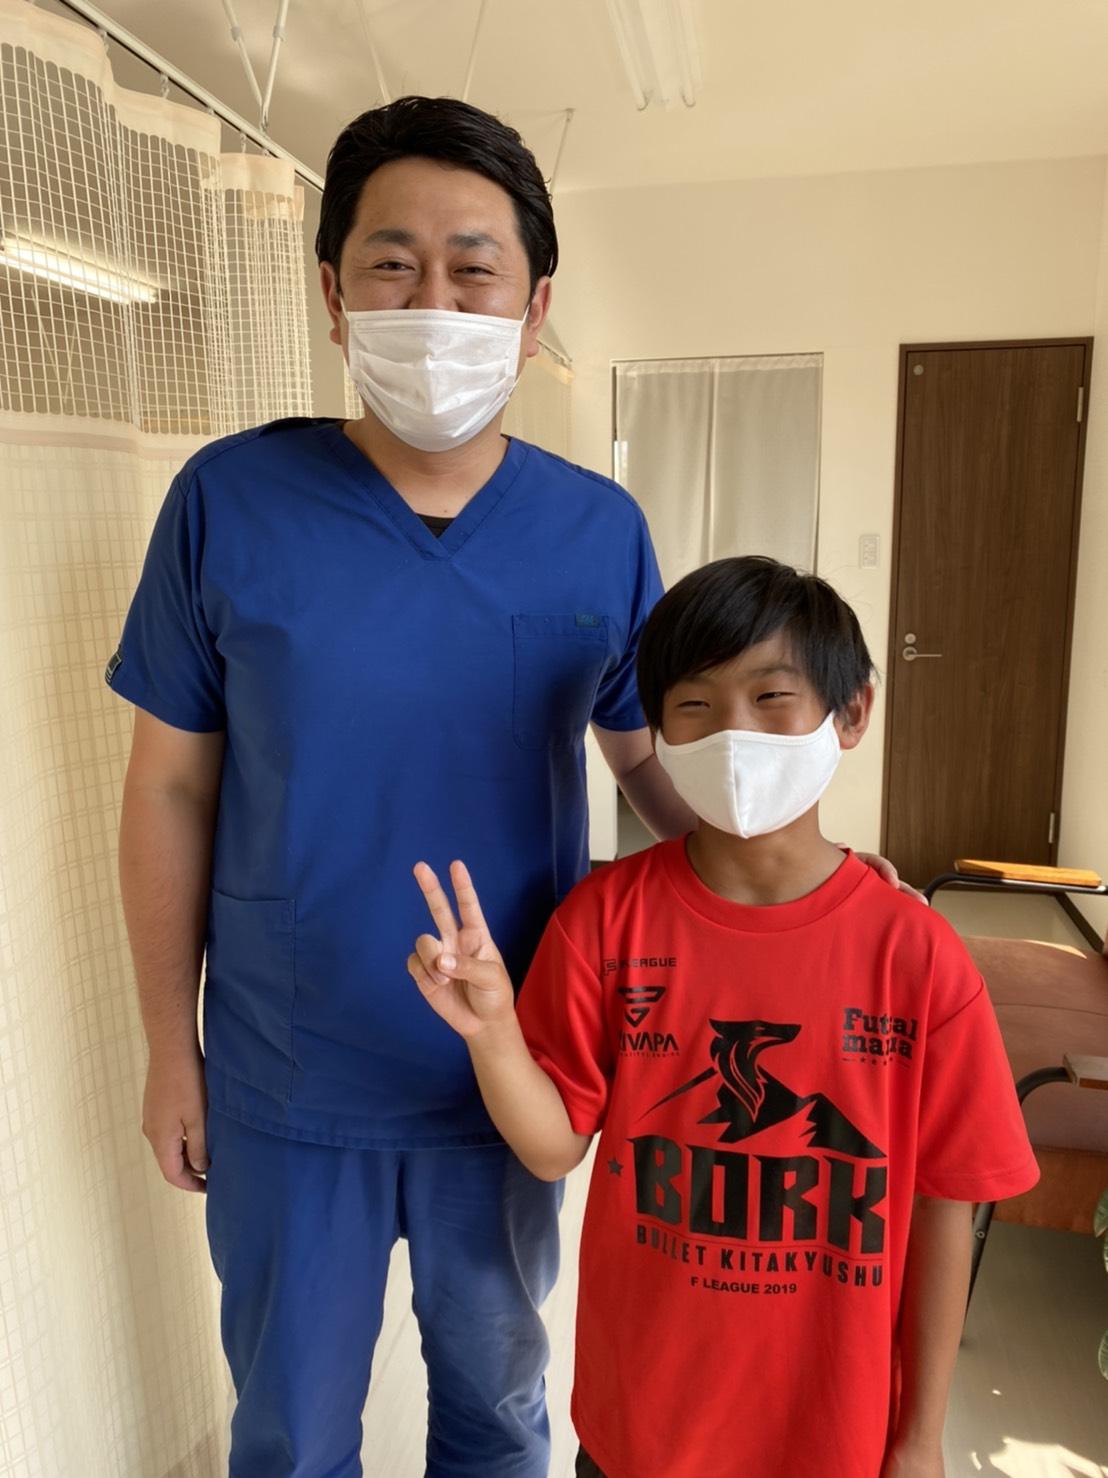 福岡市内からサッカー少年 シーバー病